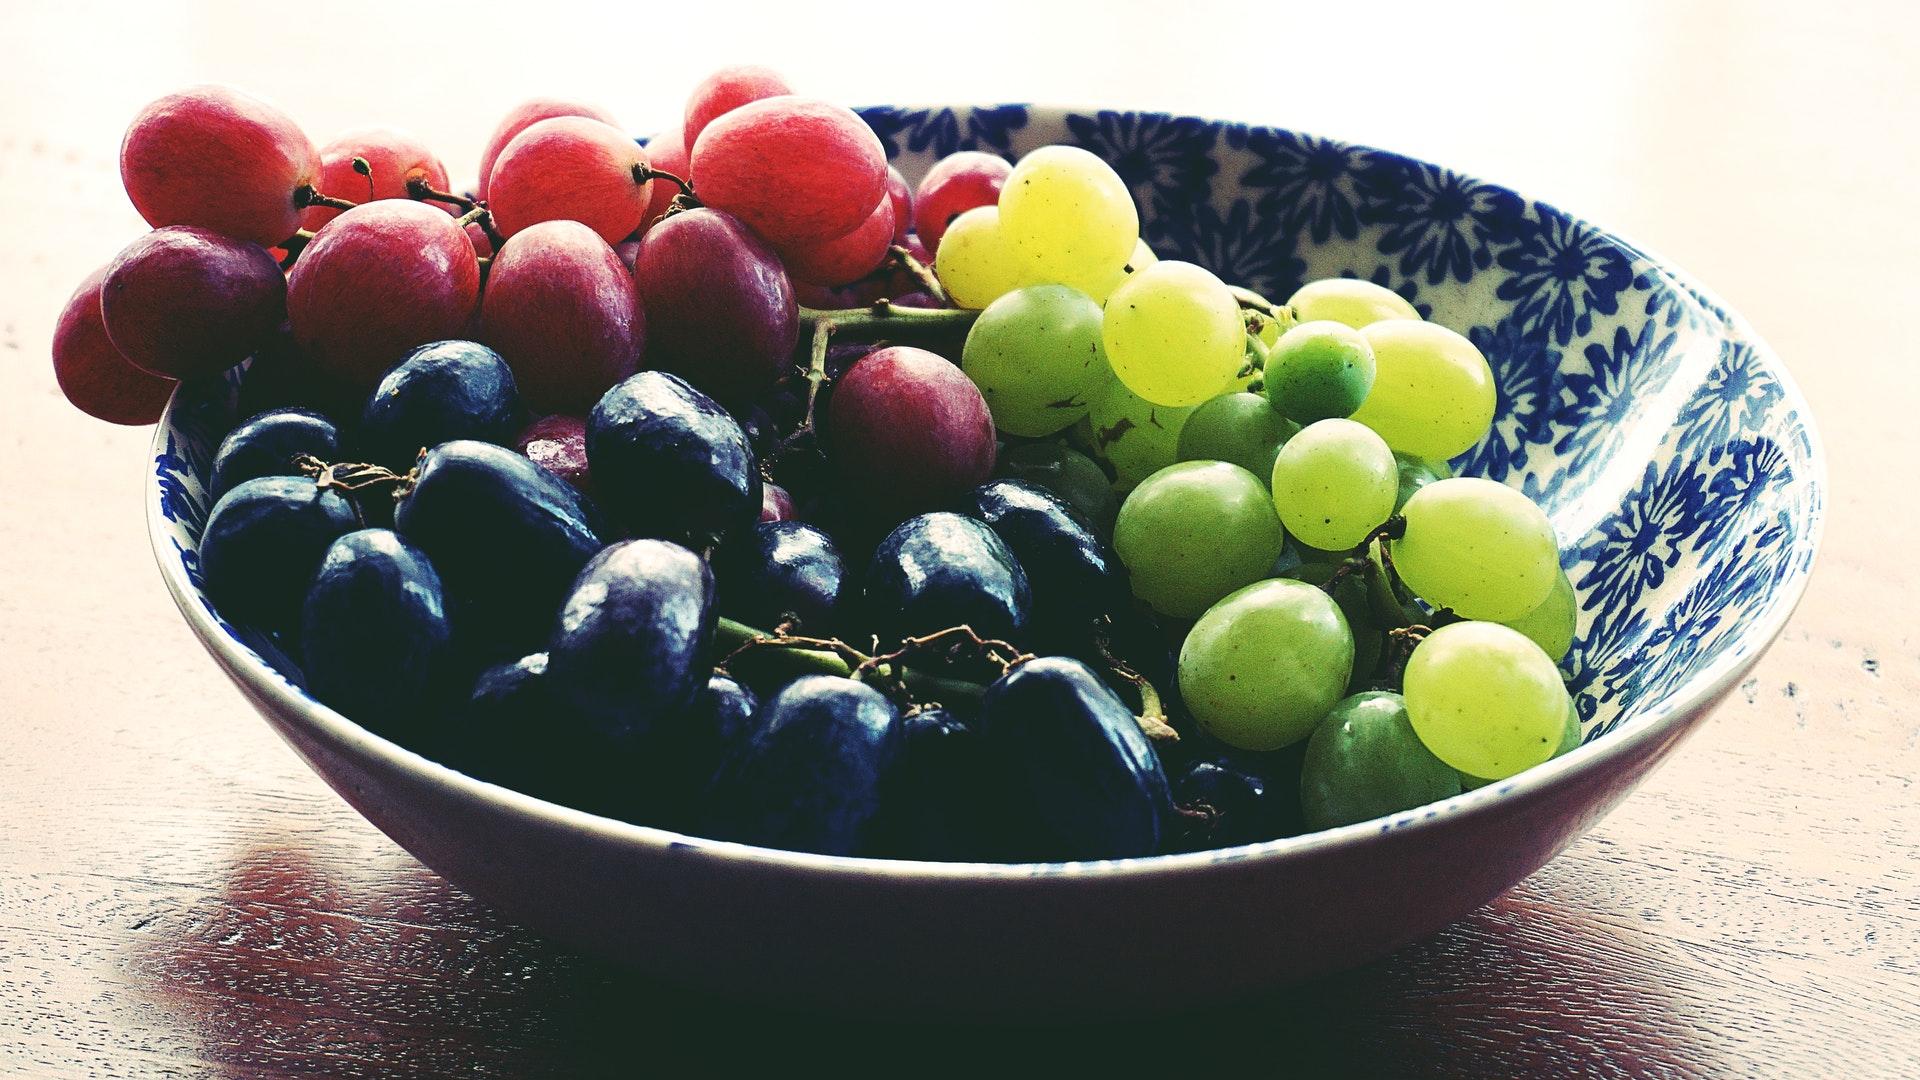 Es-saludable-comer-uvas-a-diario